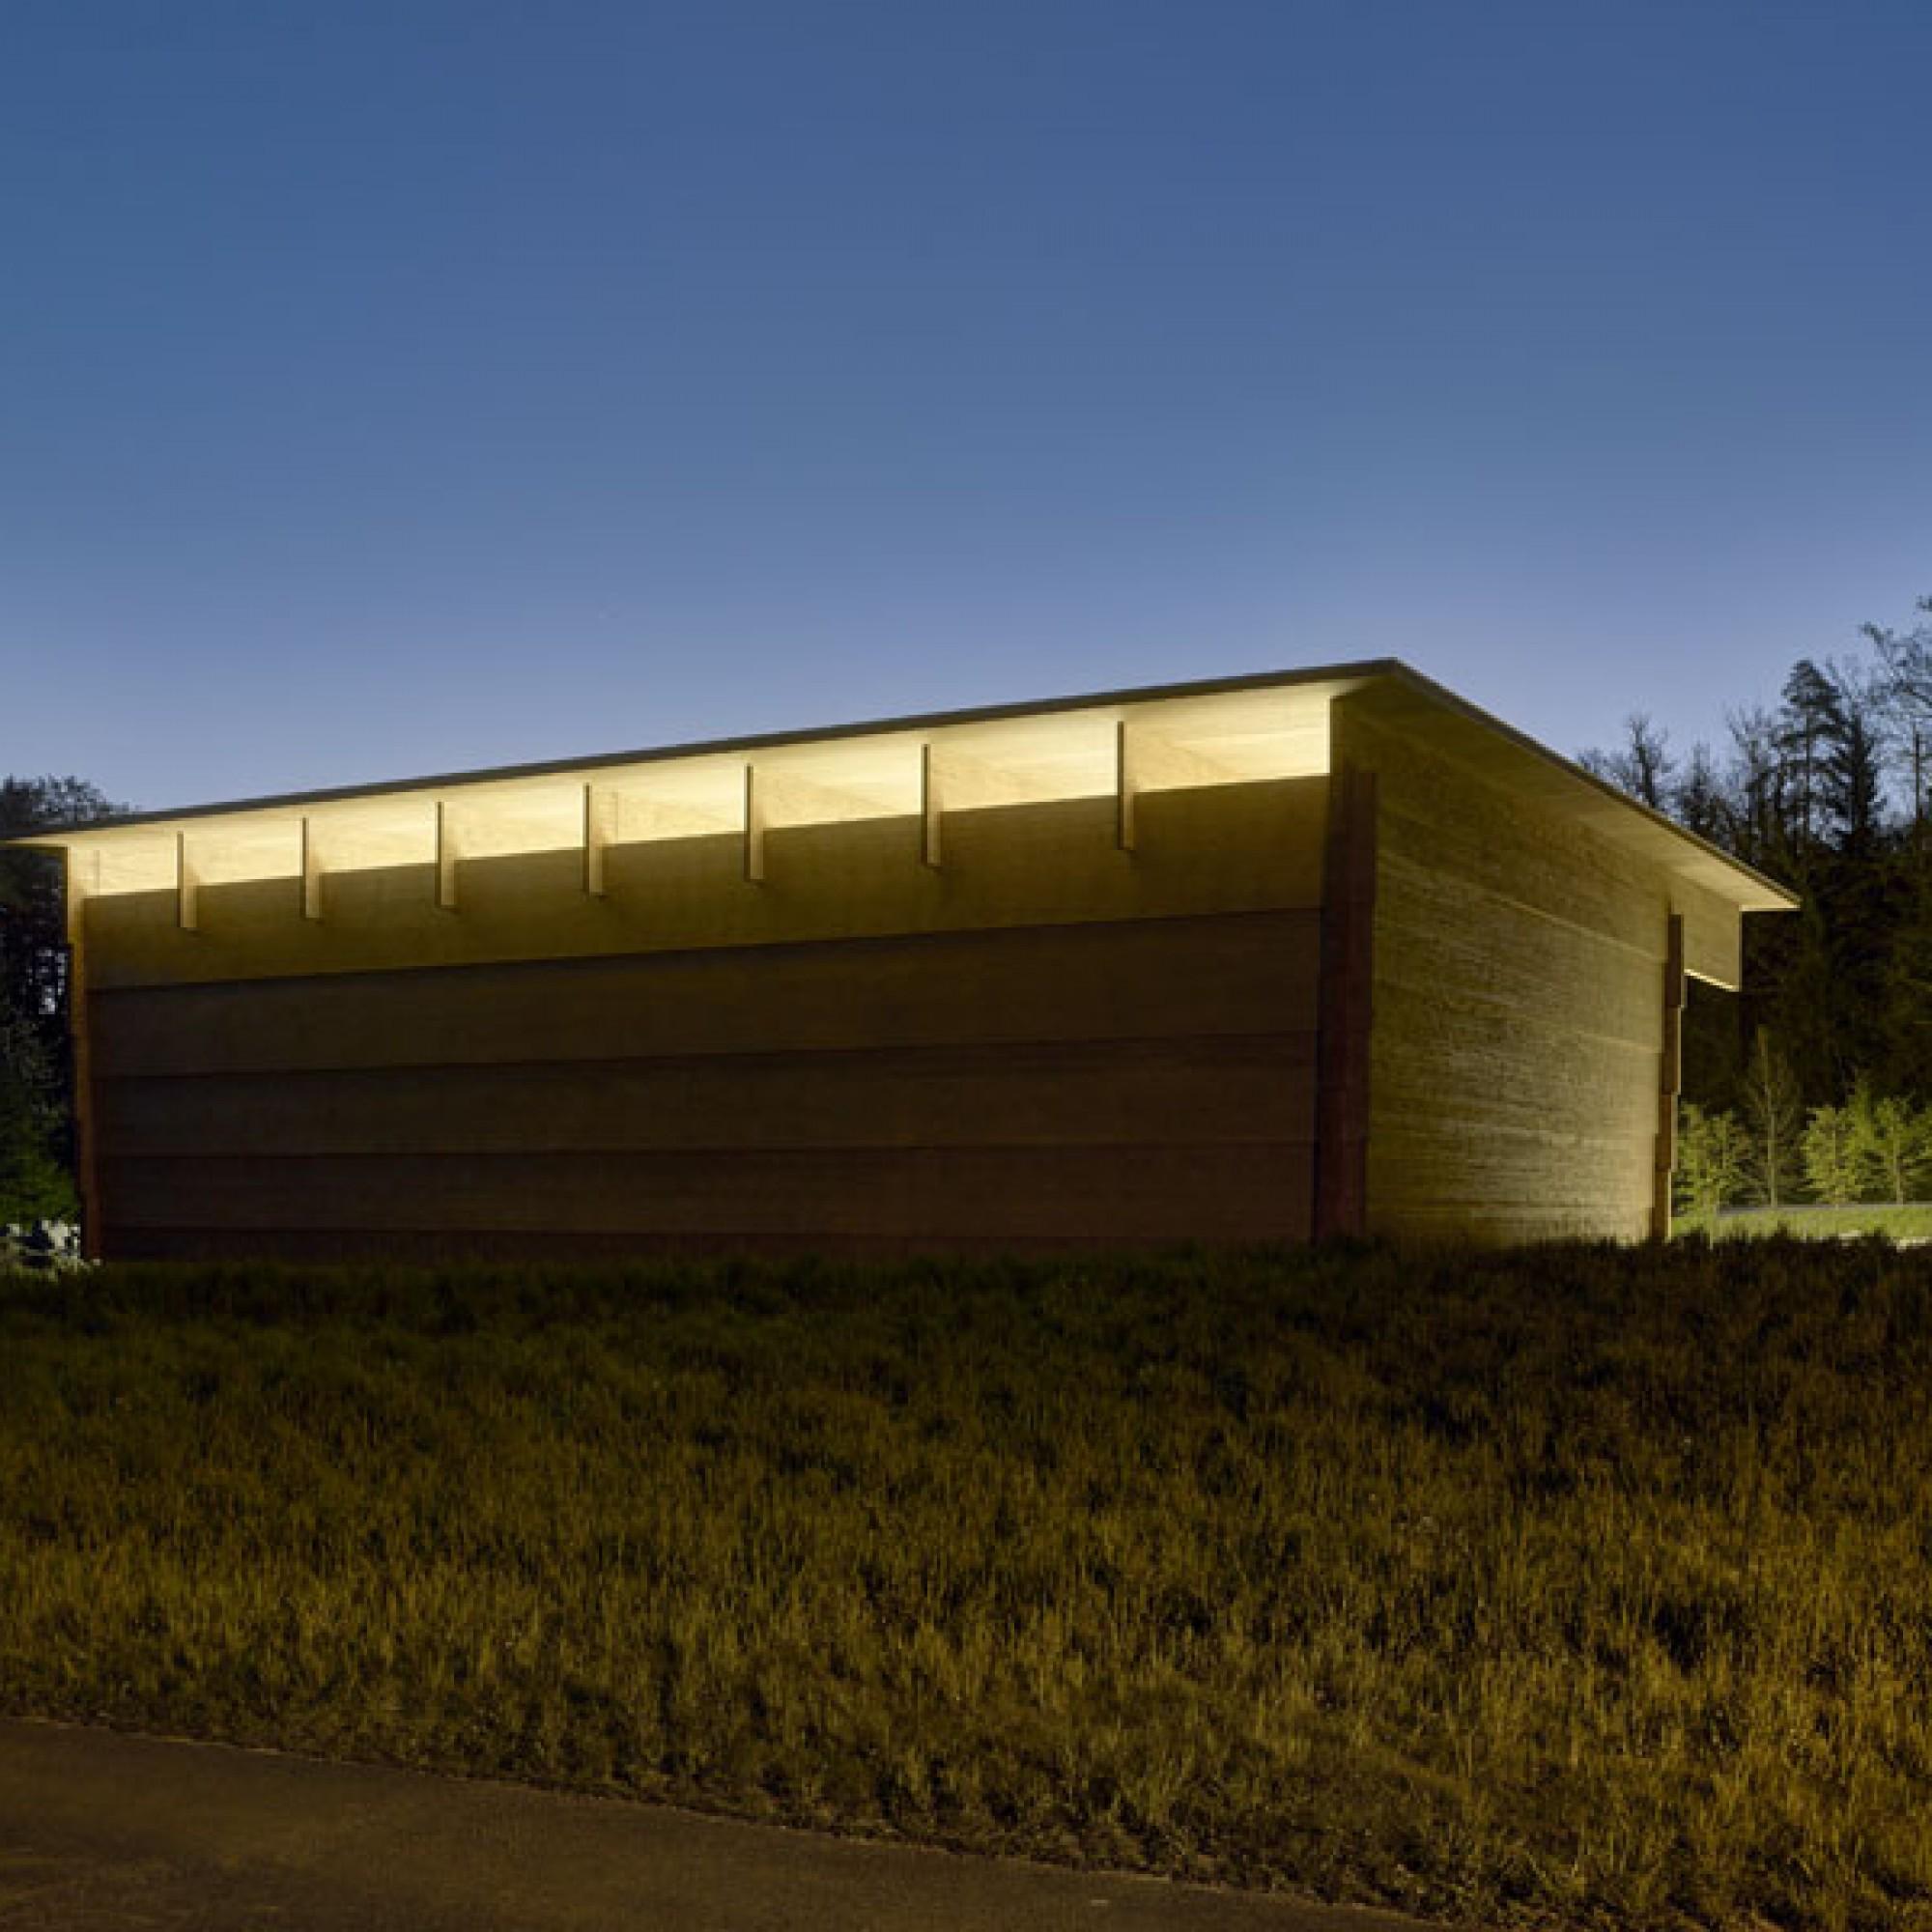 Das Gebäude wurde vom Architekturbüro Rossetti + Wyss geplant (Rossetti + Wyss/Jürg Zimmermann)